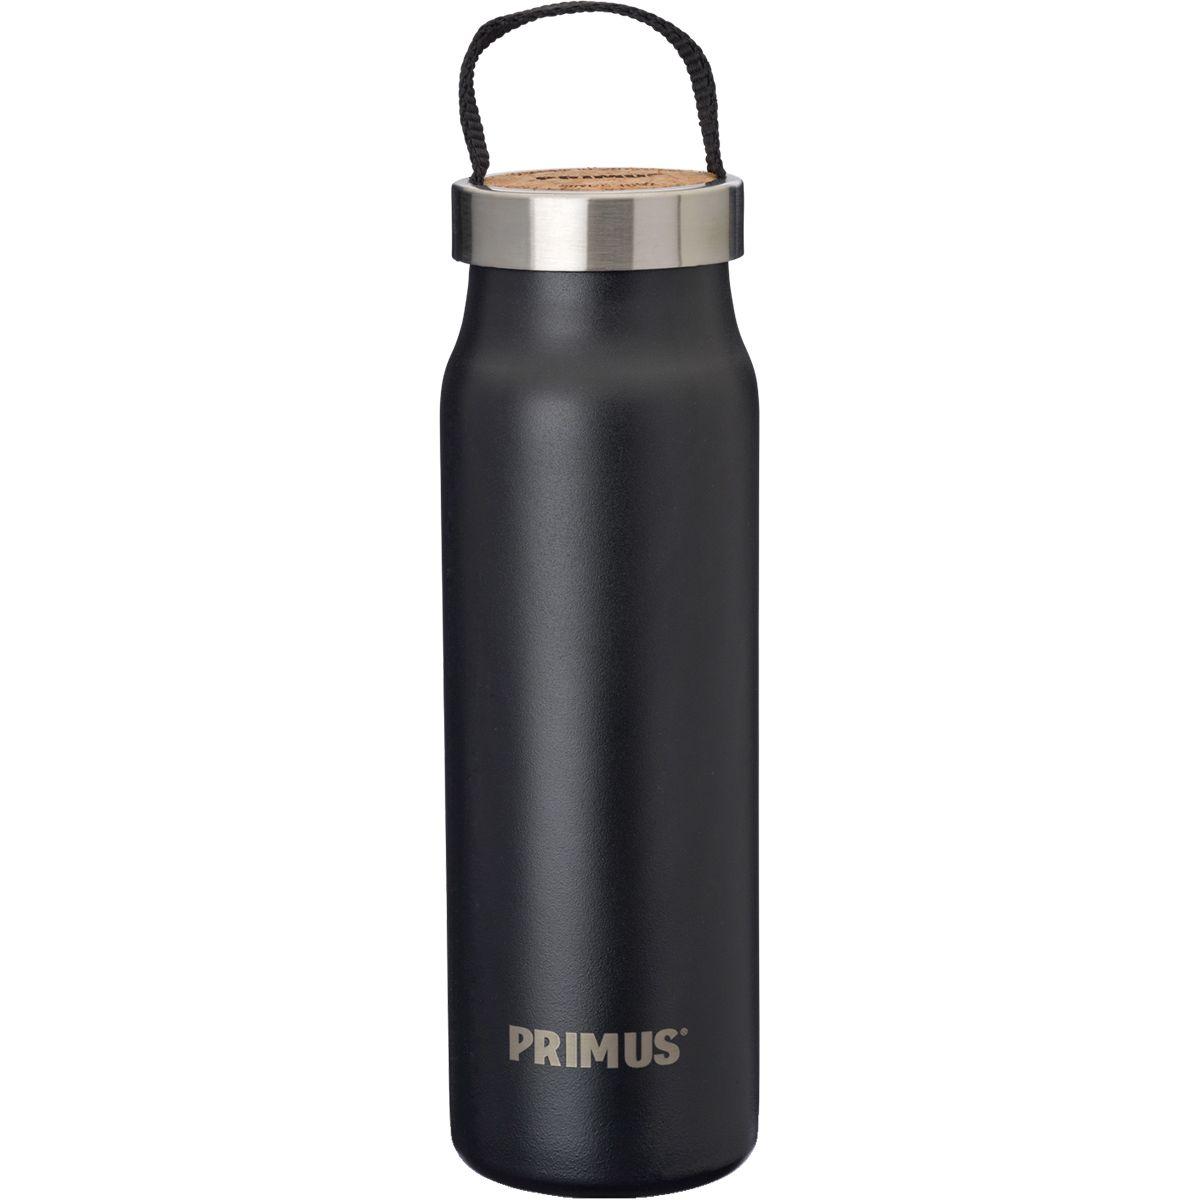 PRIMUS Klunken V.Bottle 0,5L Black